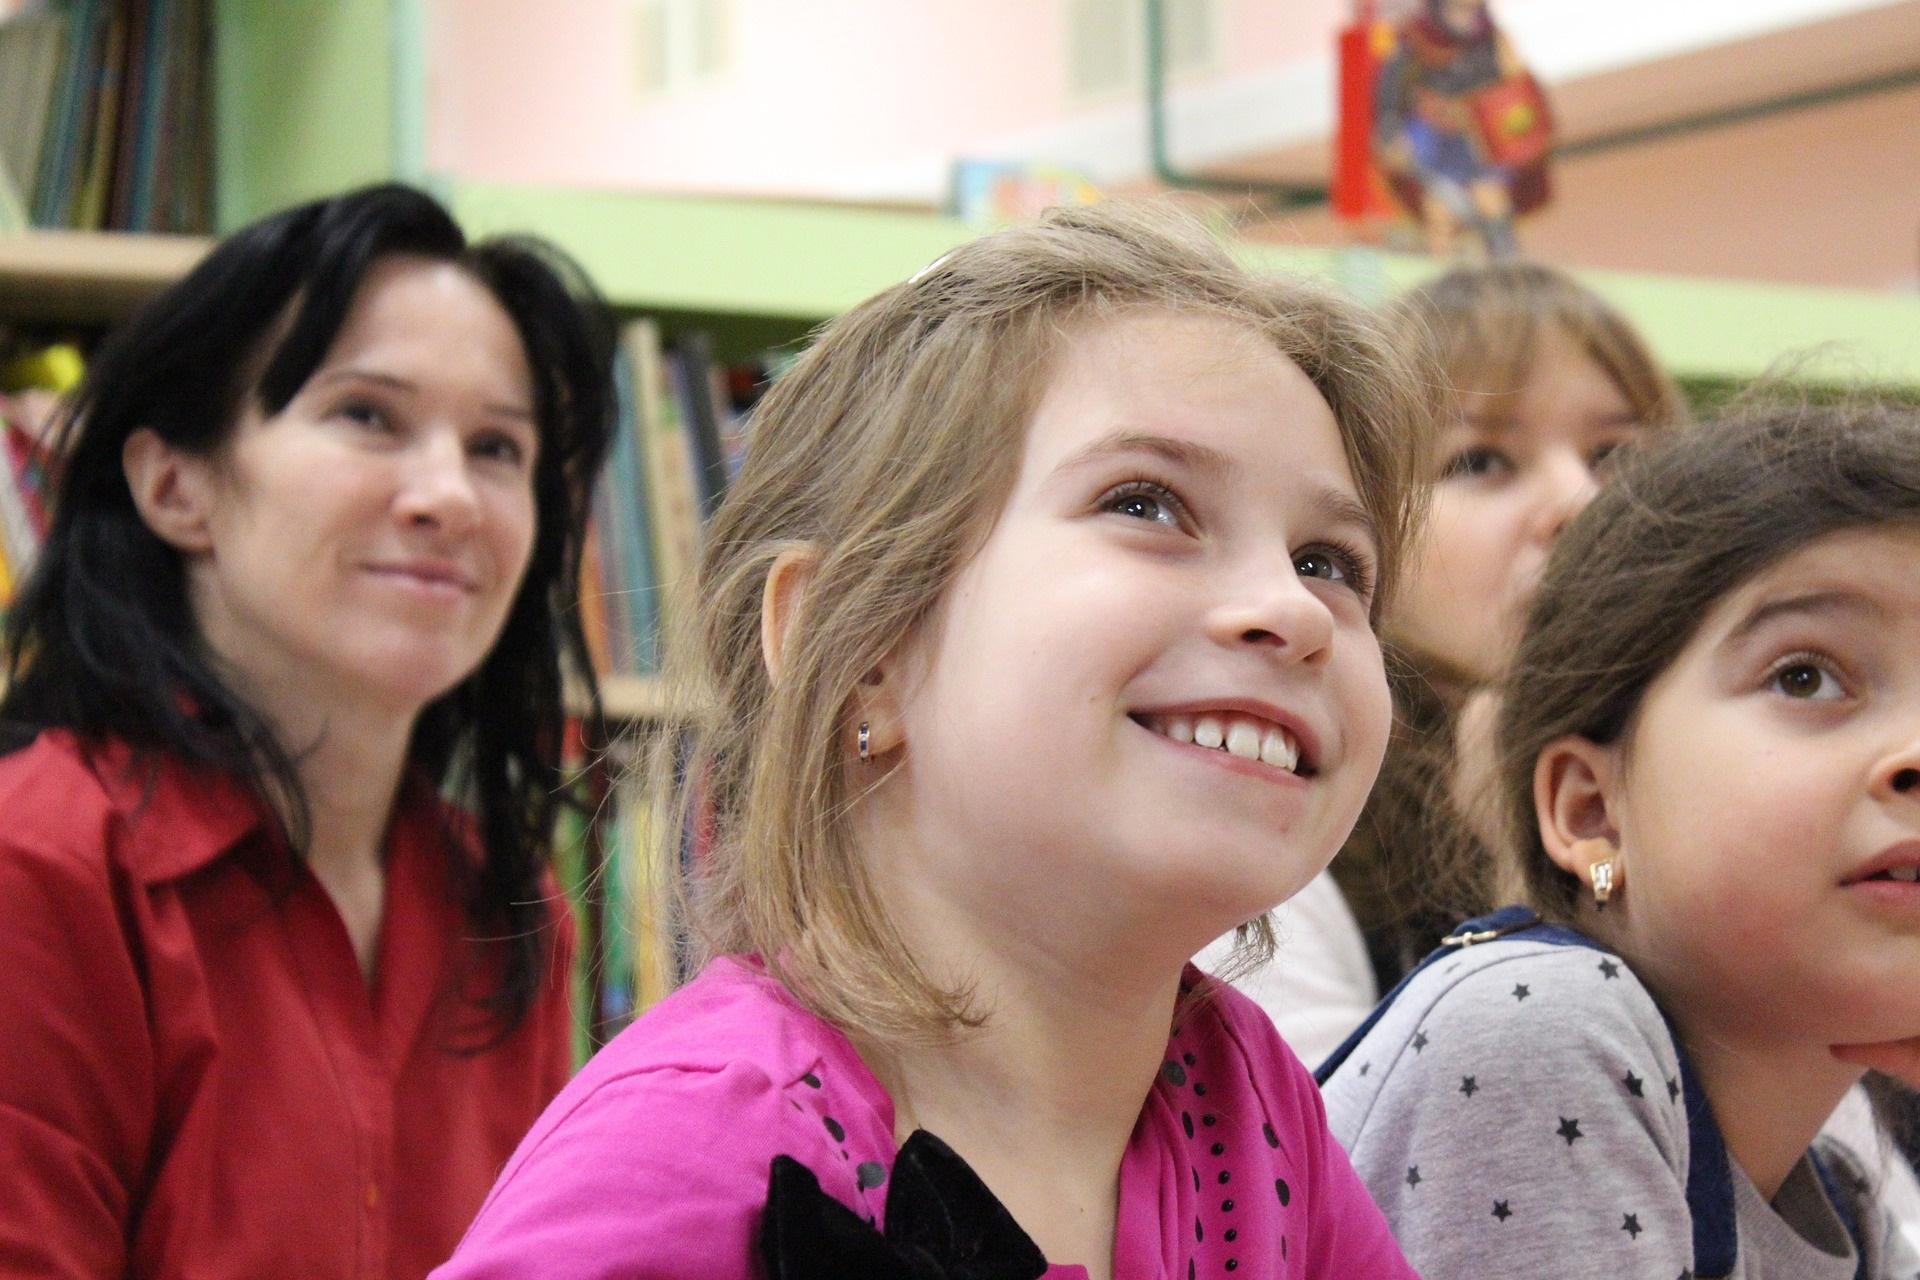 Åpent seminar i NBI: Deltakelse i kunstprosesser - om litteraturformidling til barn i bibliotek, barnehage og skole